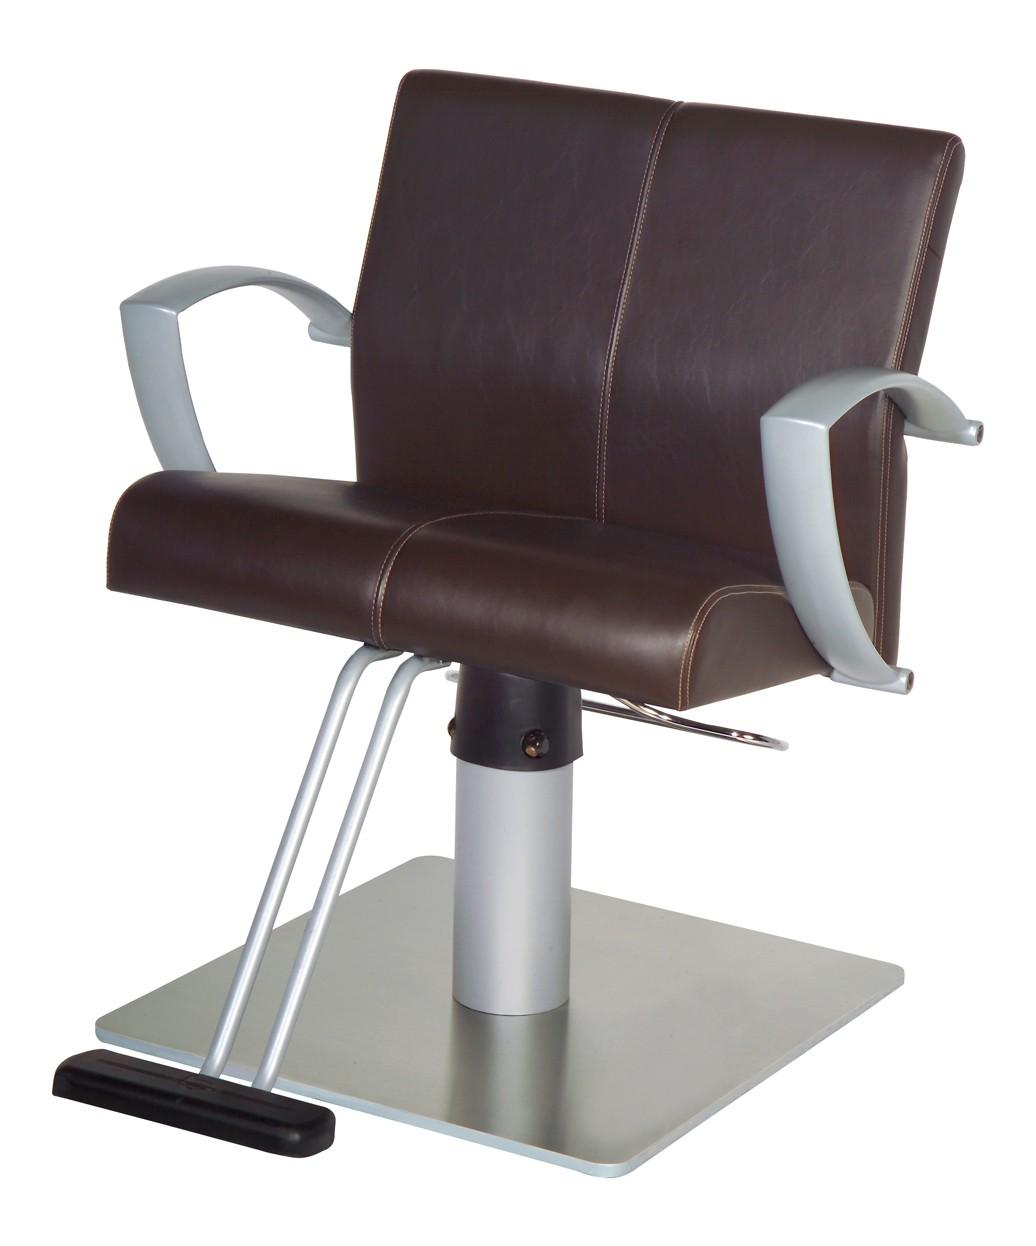 Belvedere KT12A Kallista Styling Chair